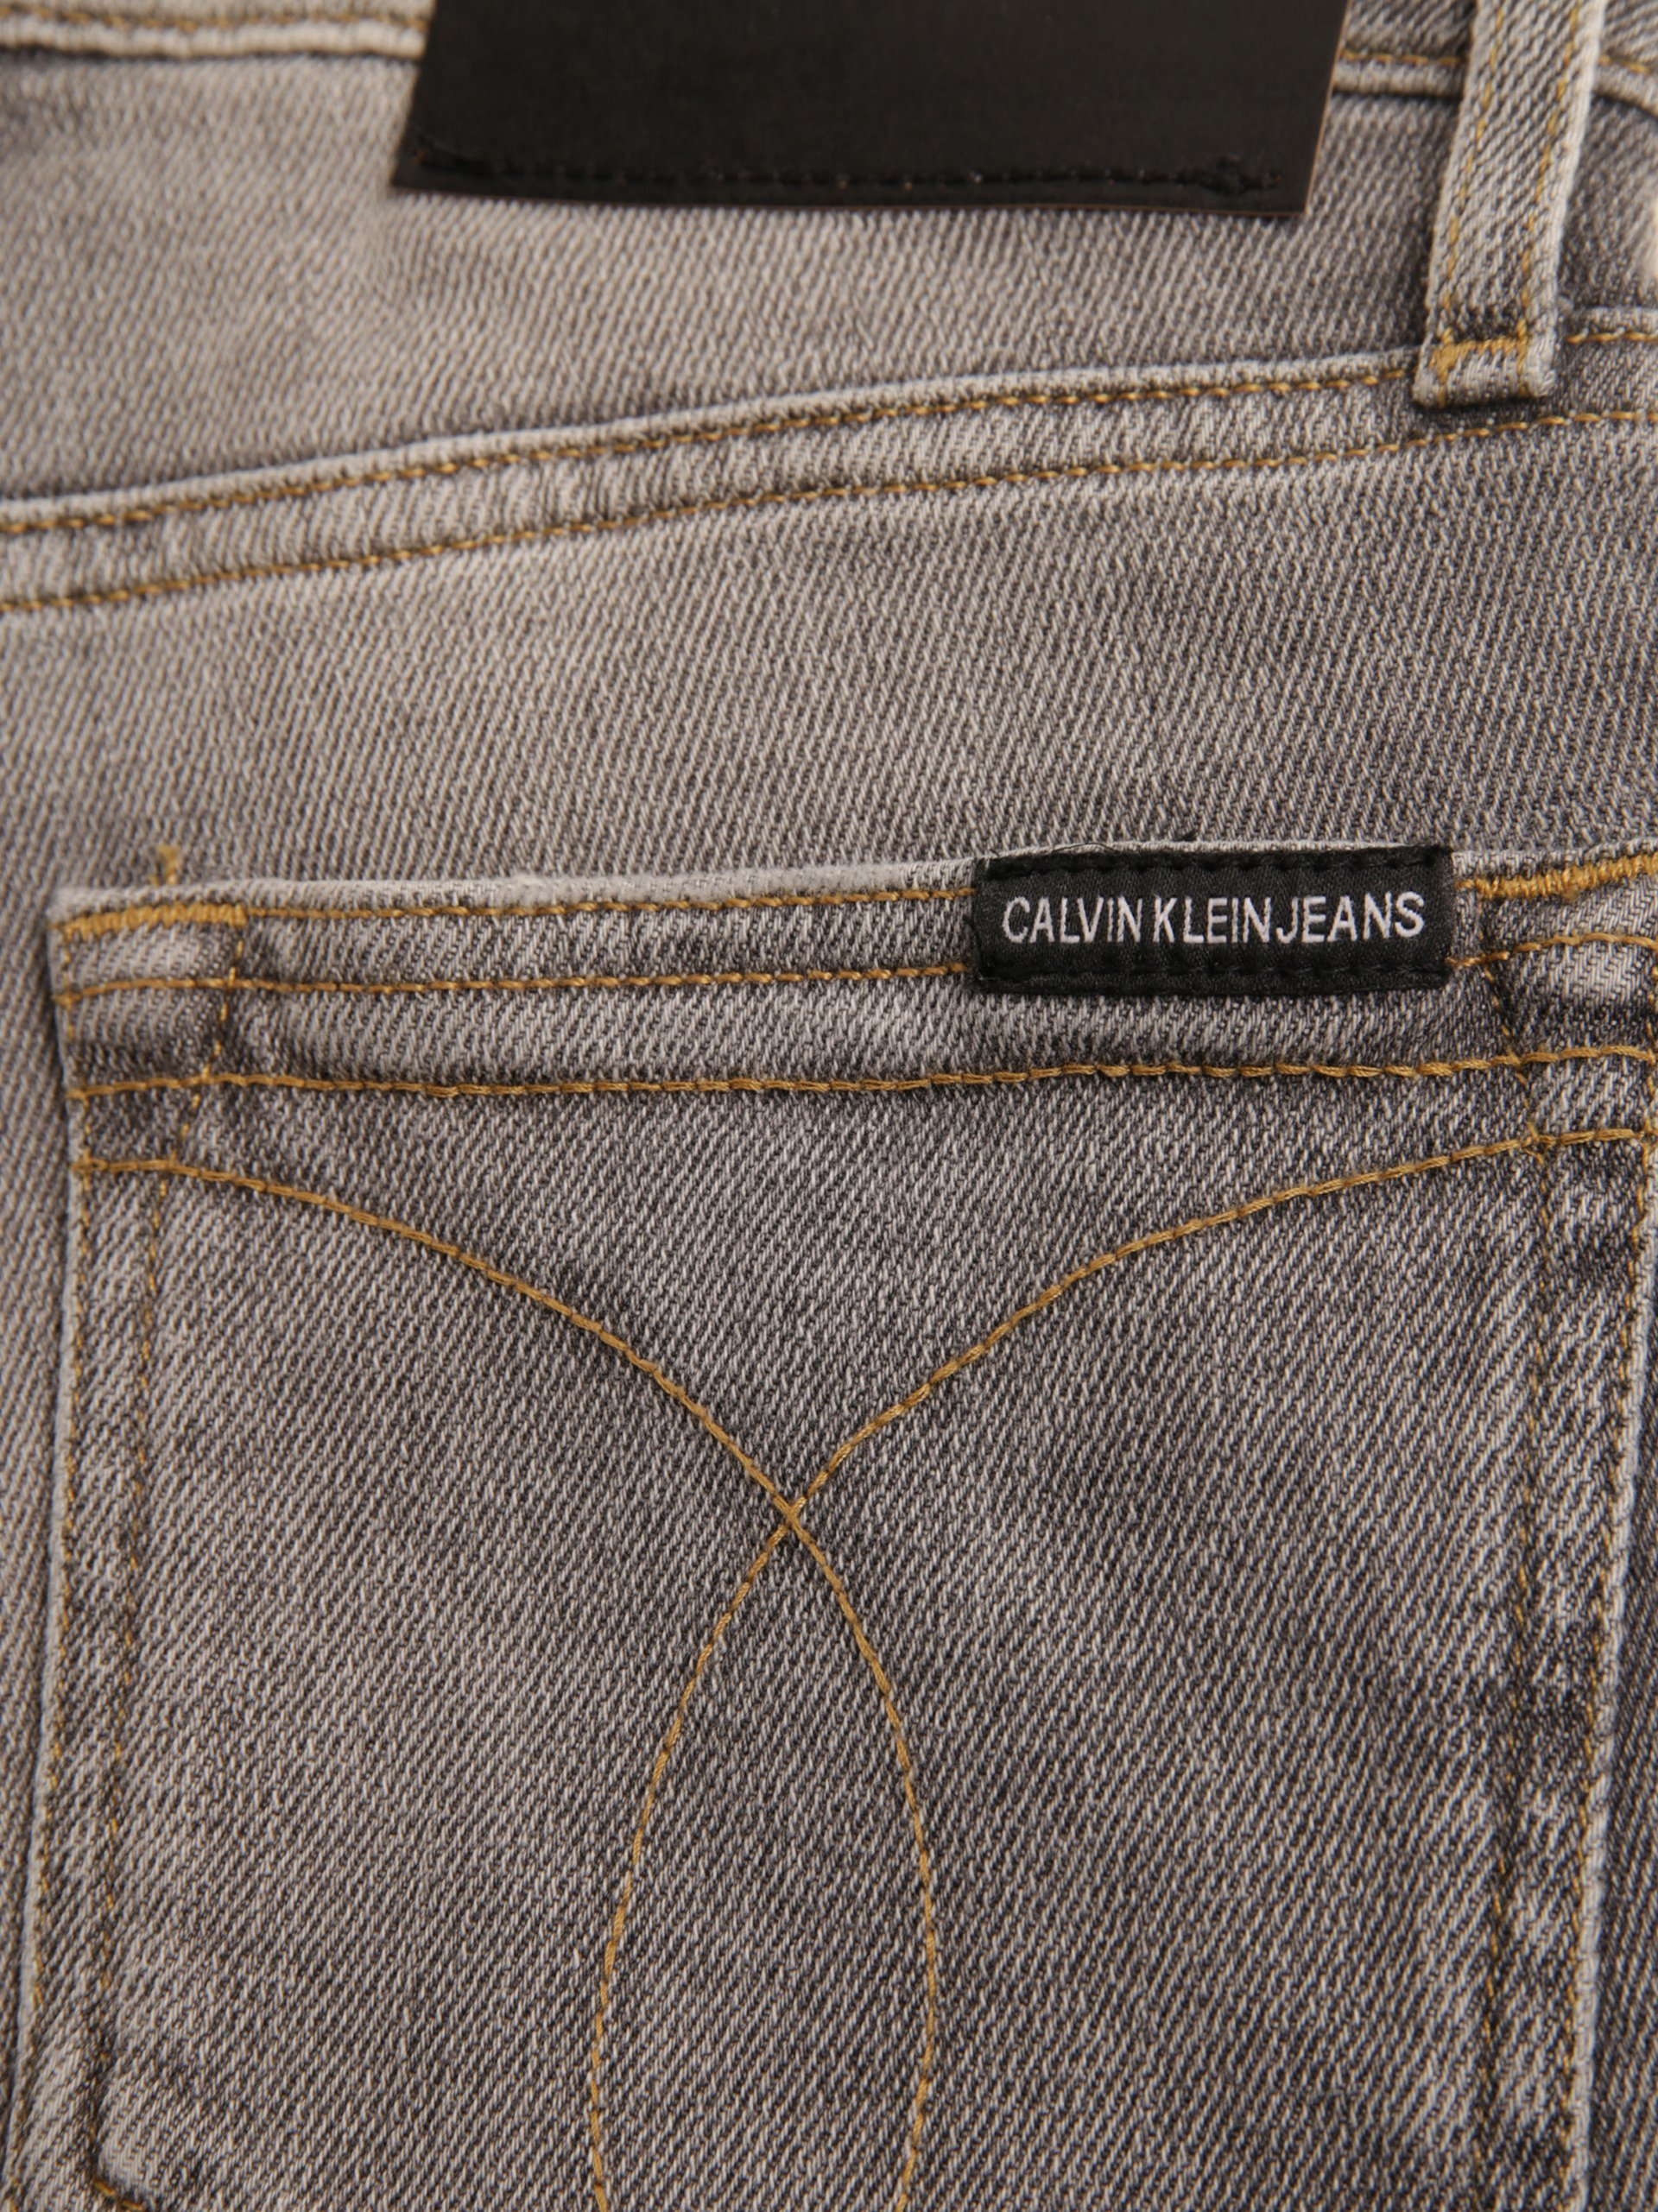 Calvin Klein Jeans Jungen Jeansshorts